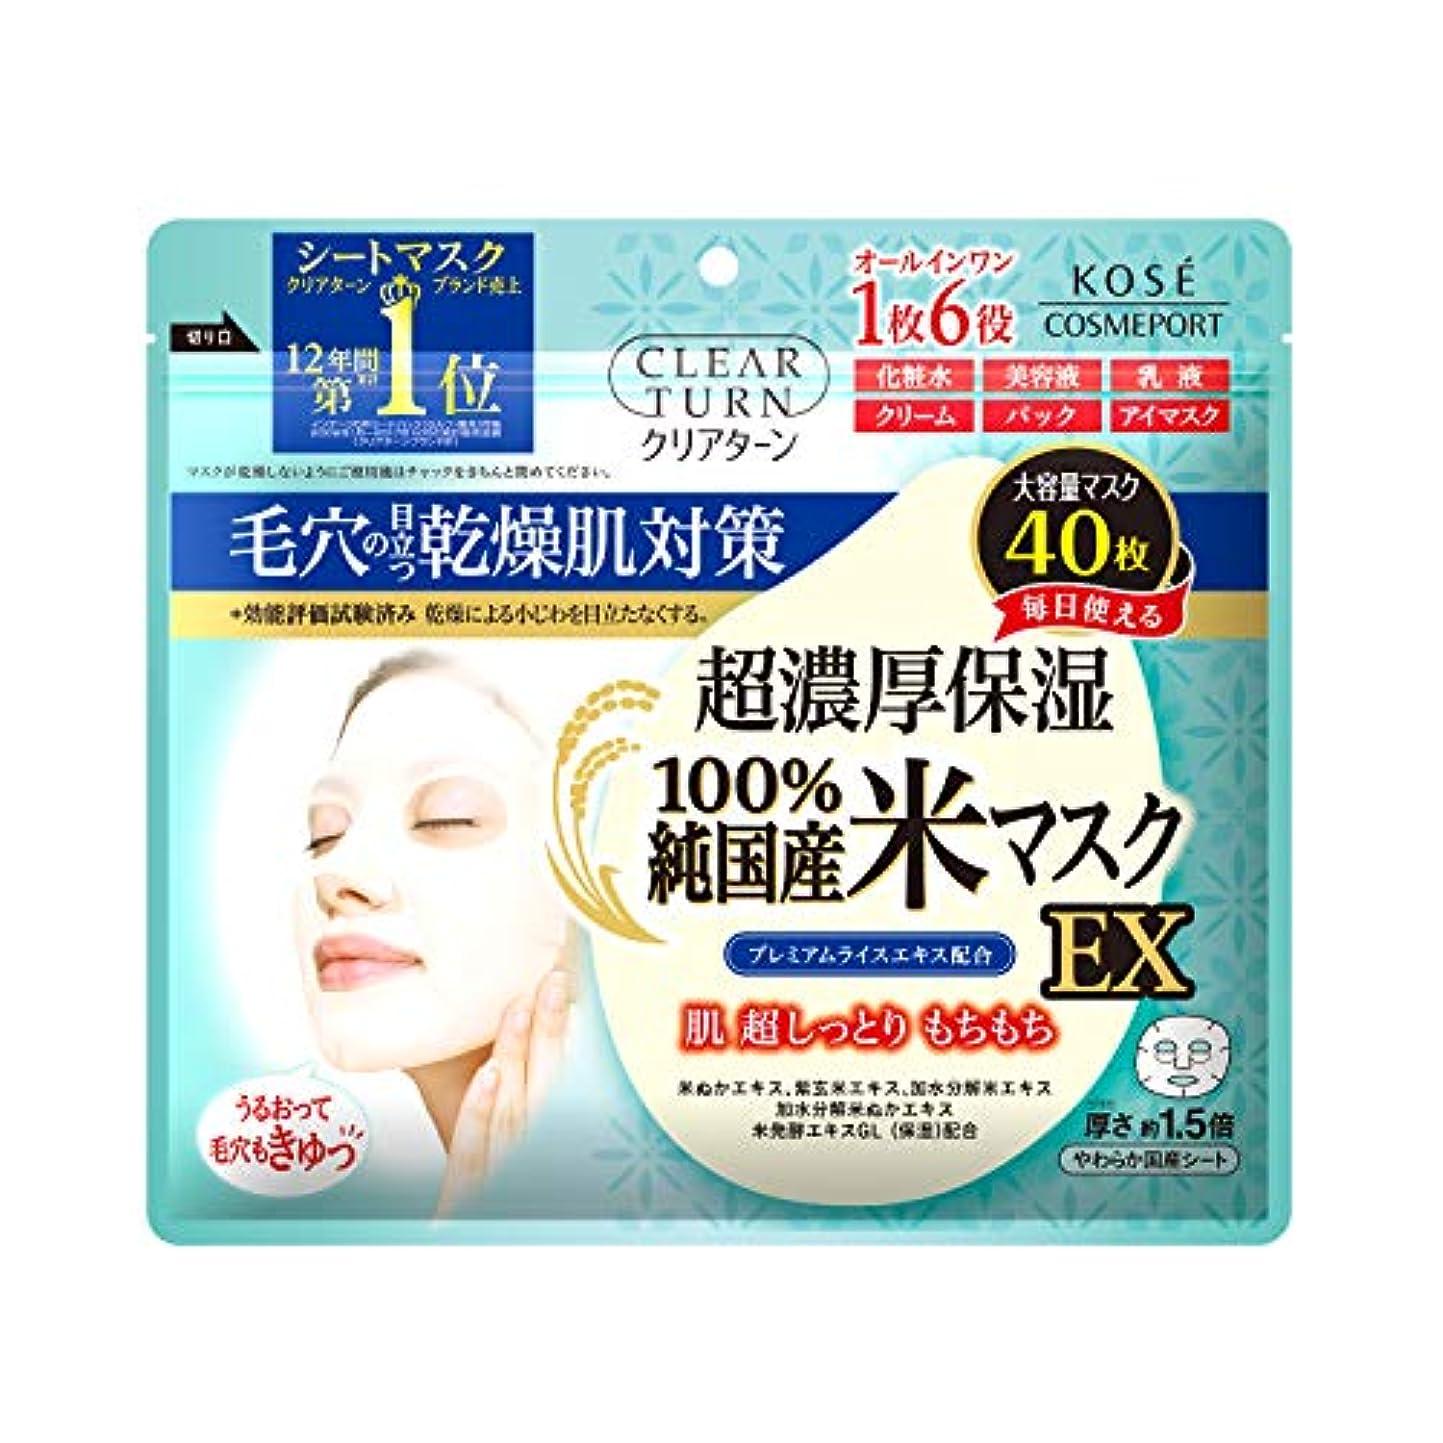 無一文おとこスーパーKOSE クリアターン 純国産米マスク EX 40枚入